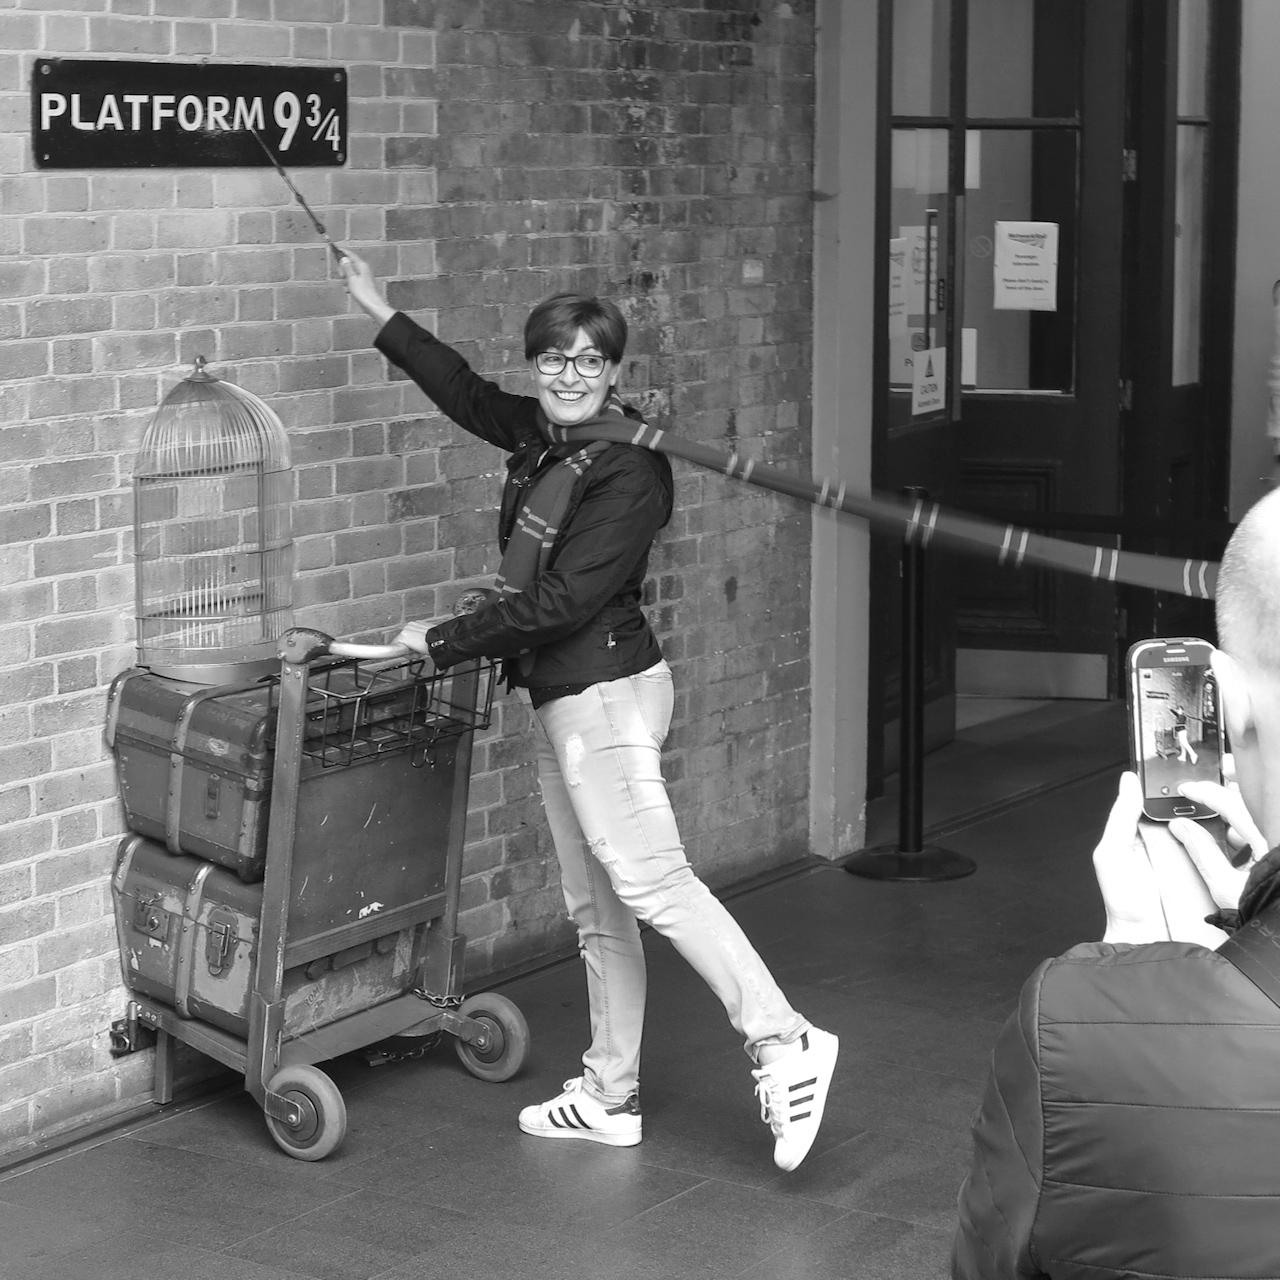 """A """"Platform kilencésháromnegyed""""-nél"""